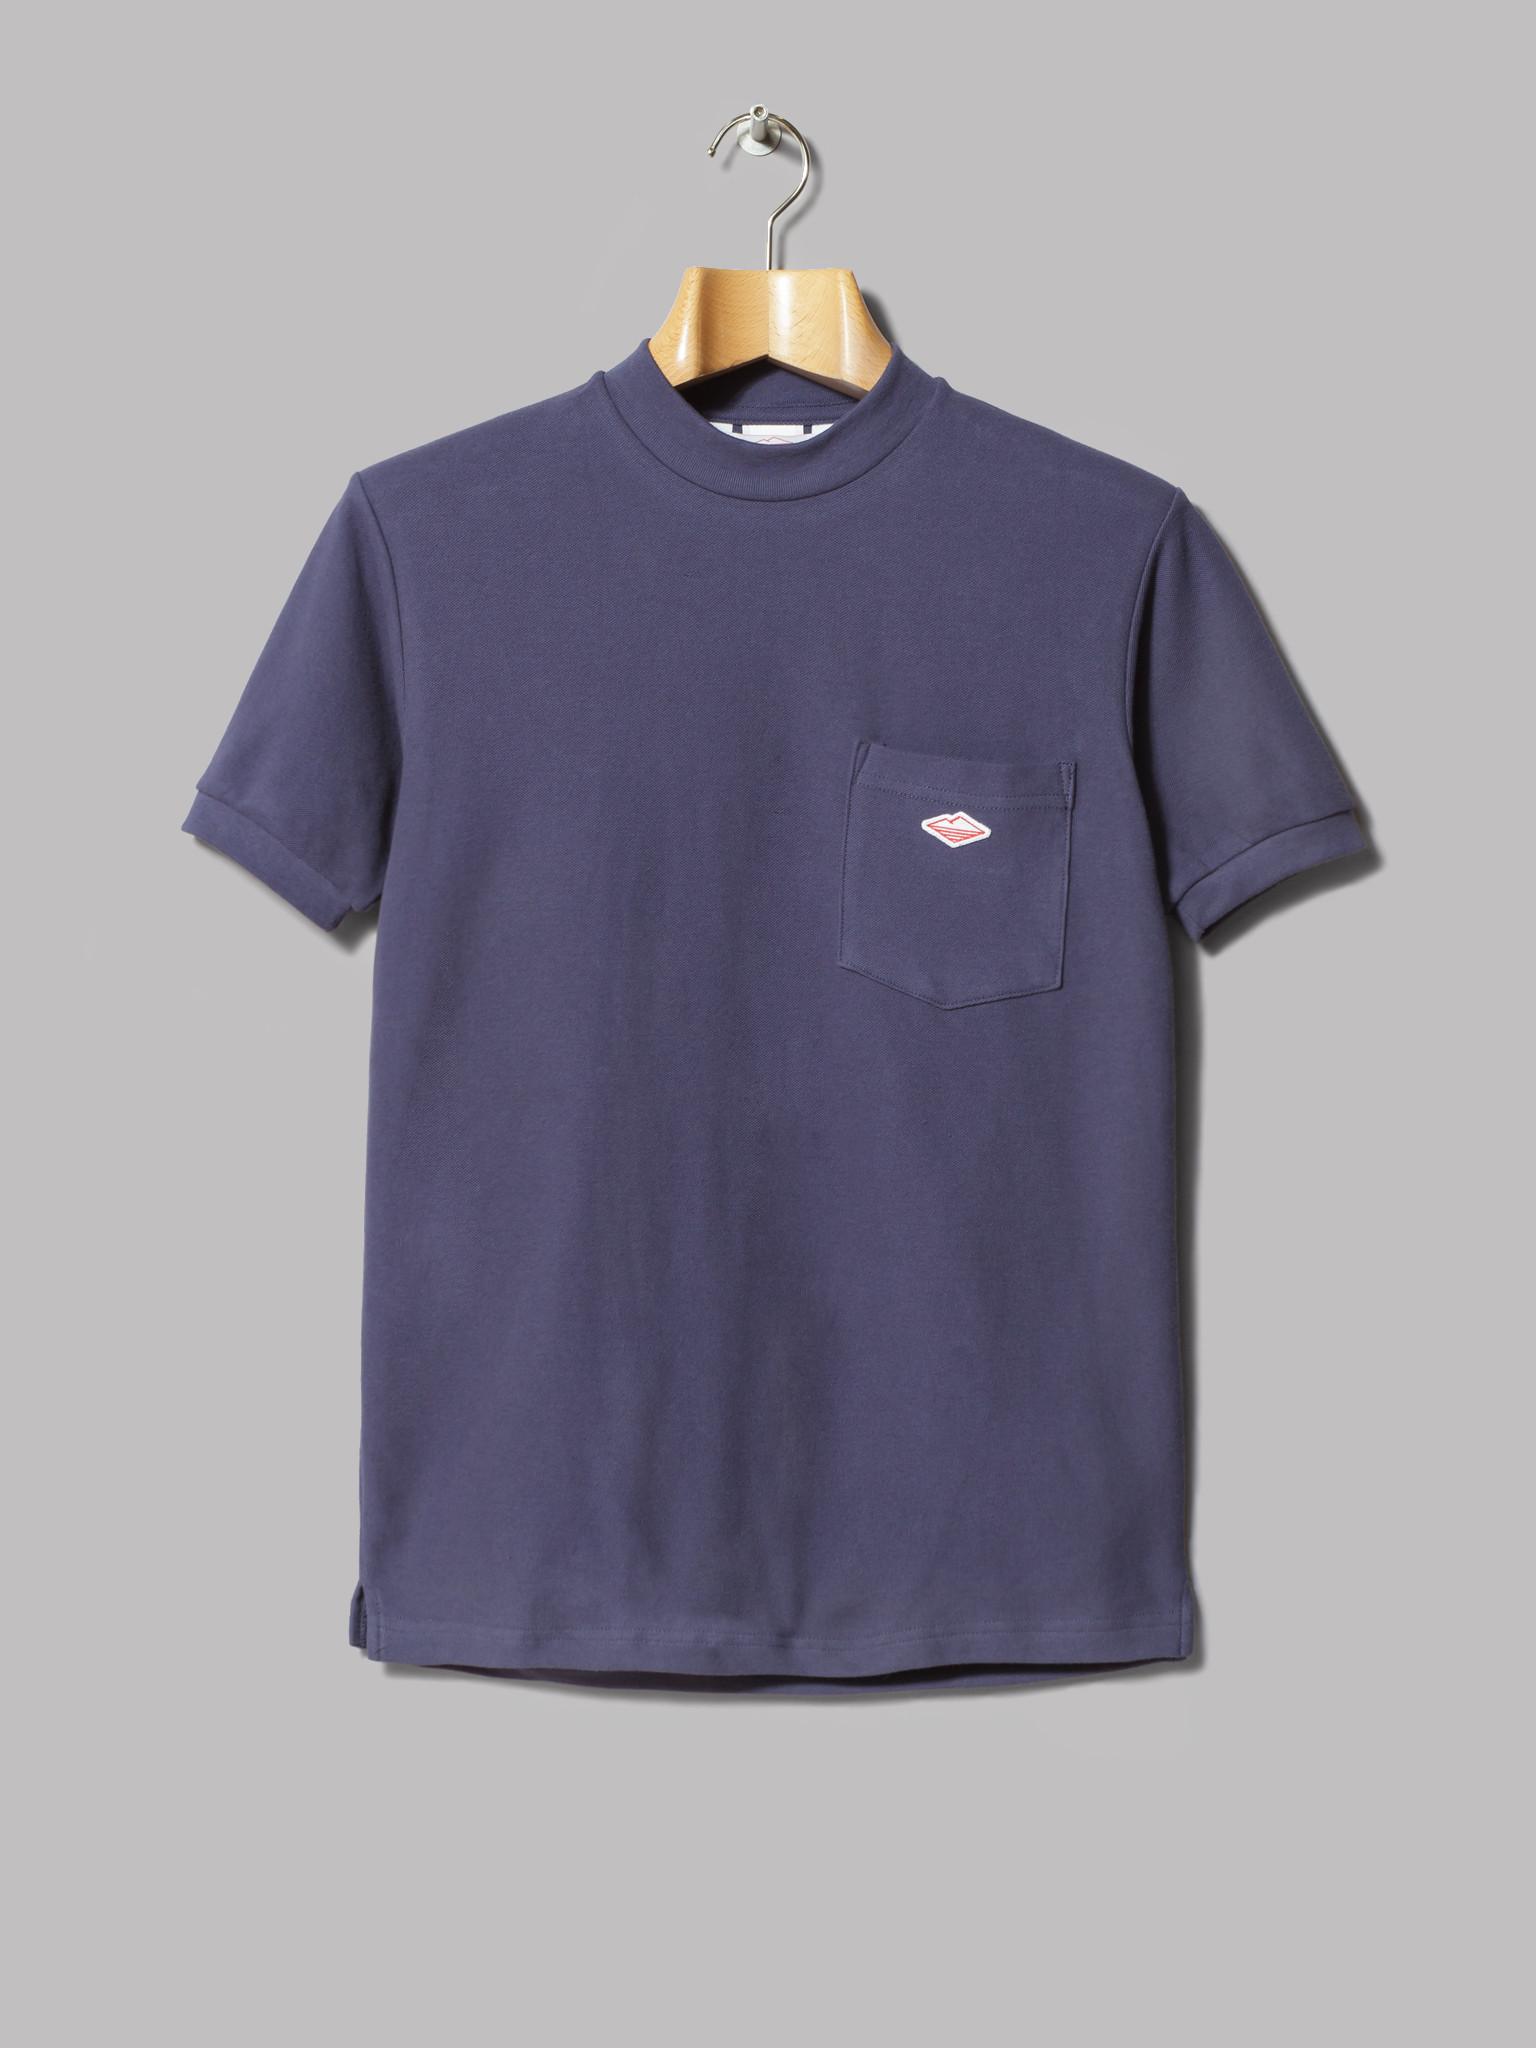 battenwear-281216-03-00